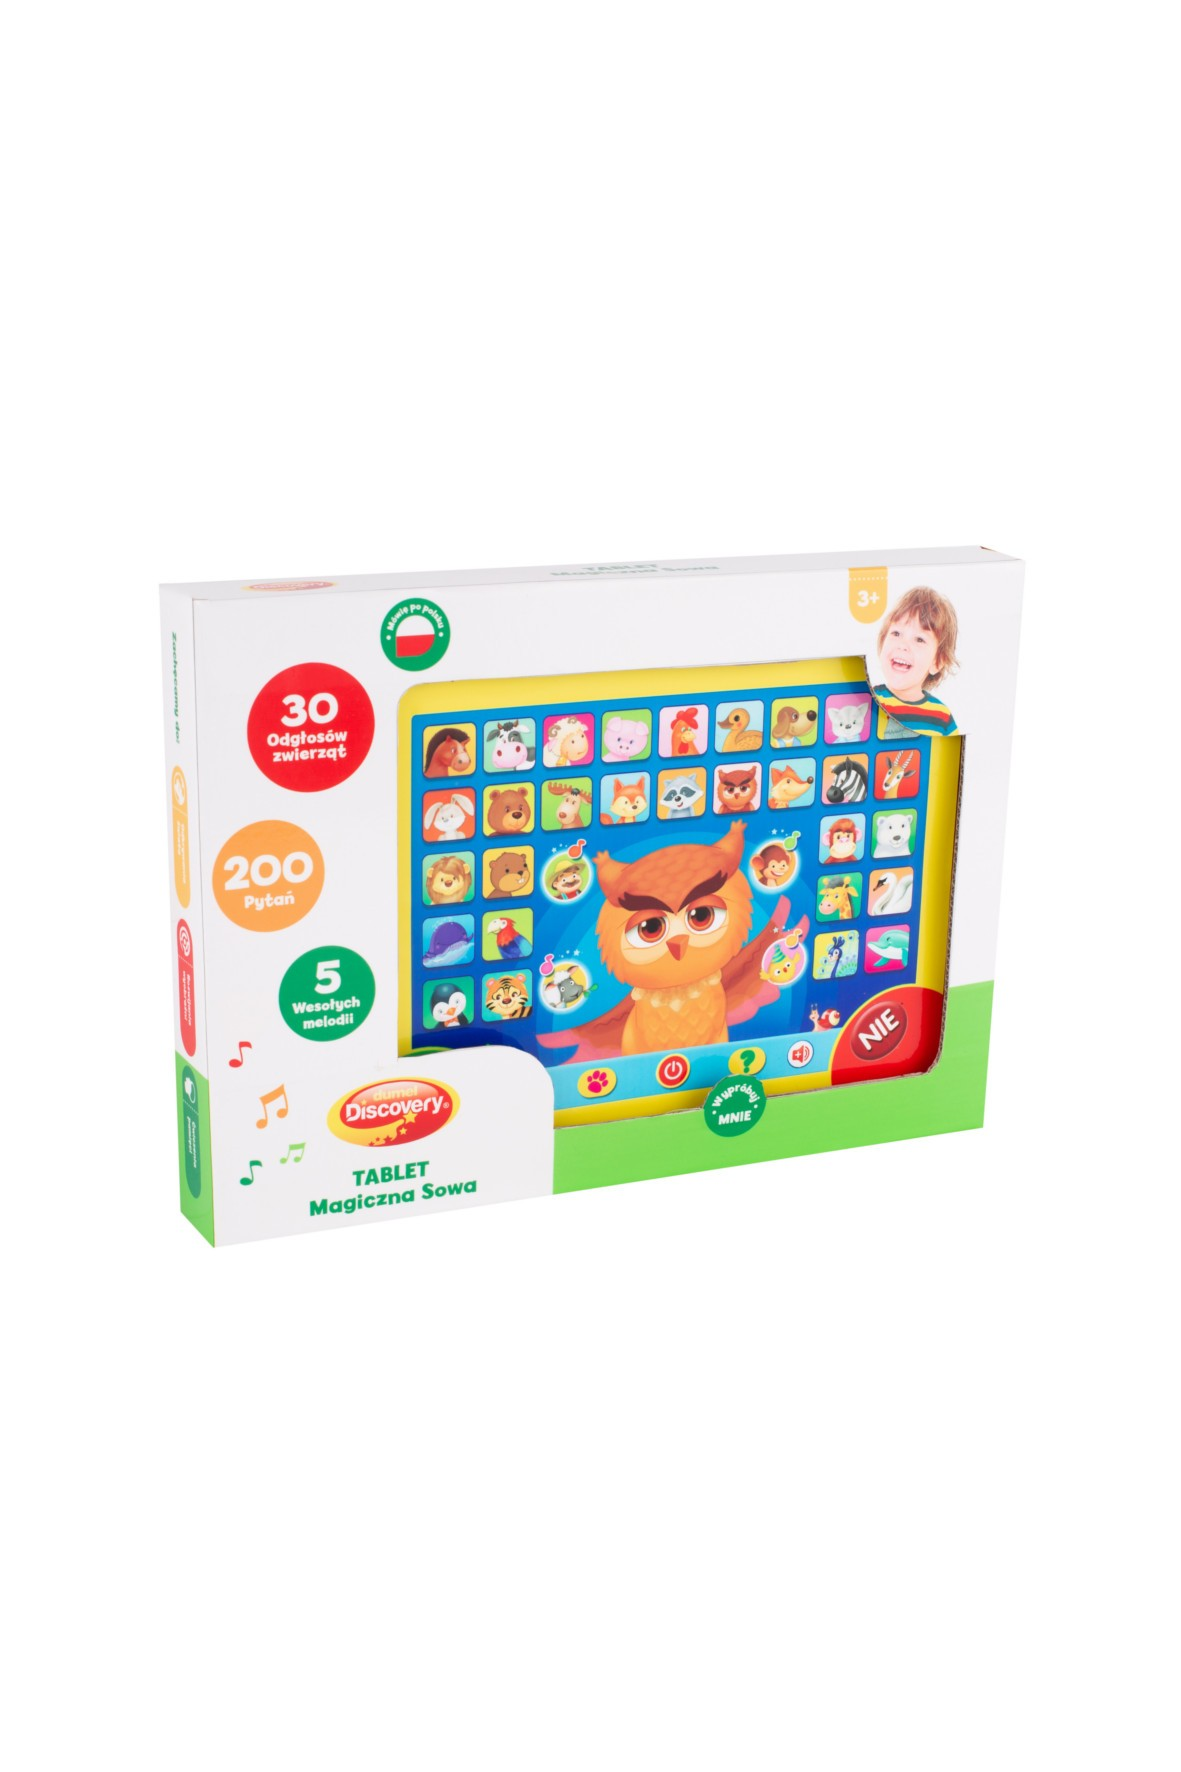 Tablet - Magiczna sowa- zabawka edukacyjna 3+